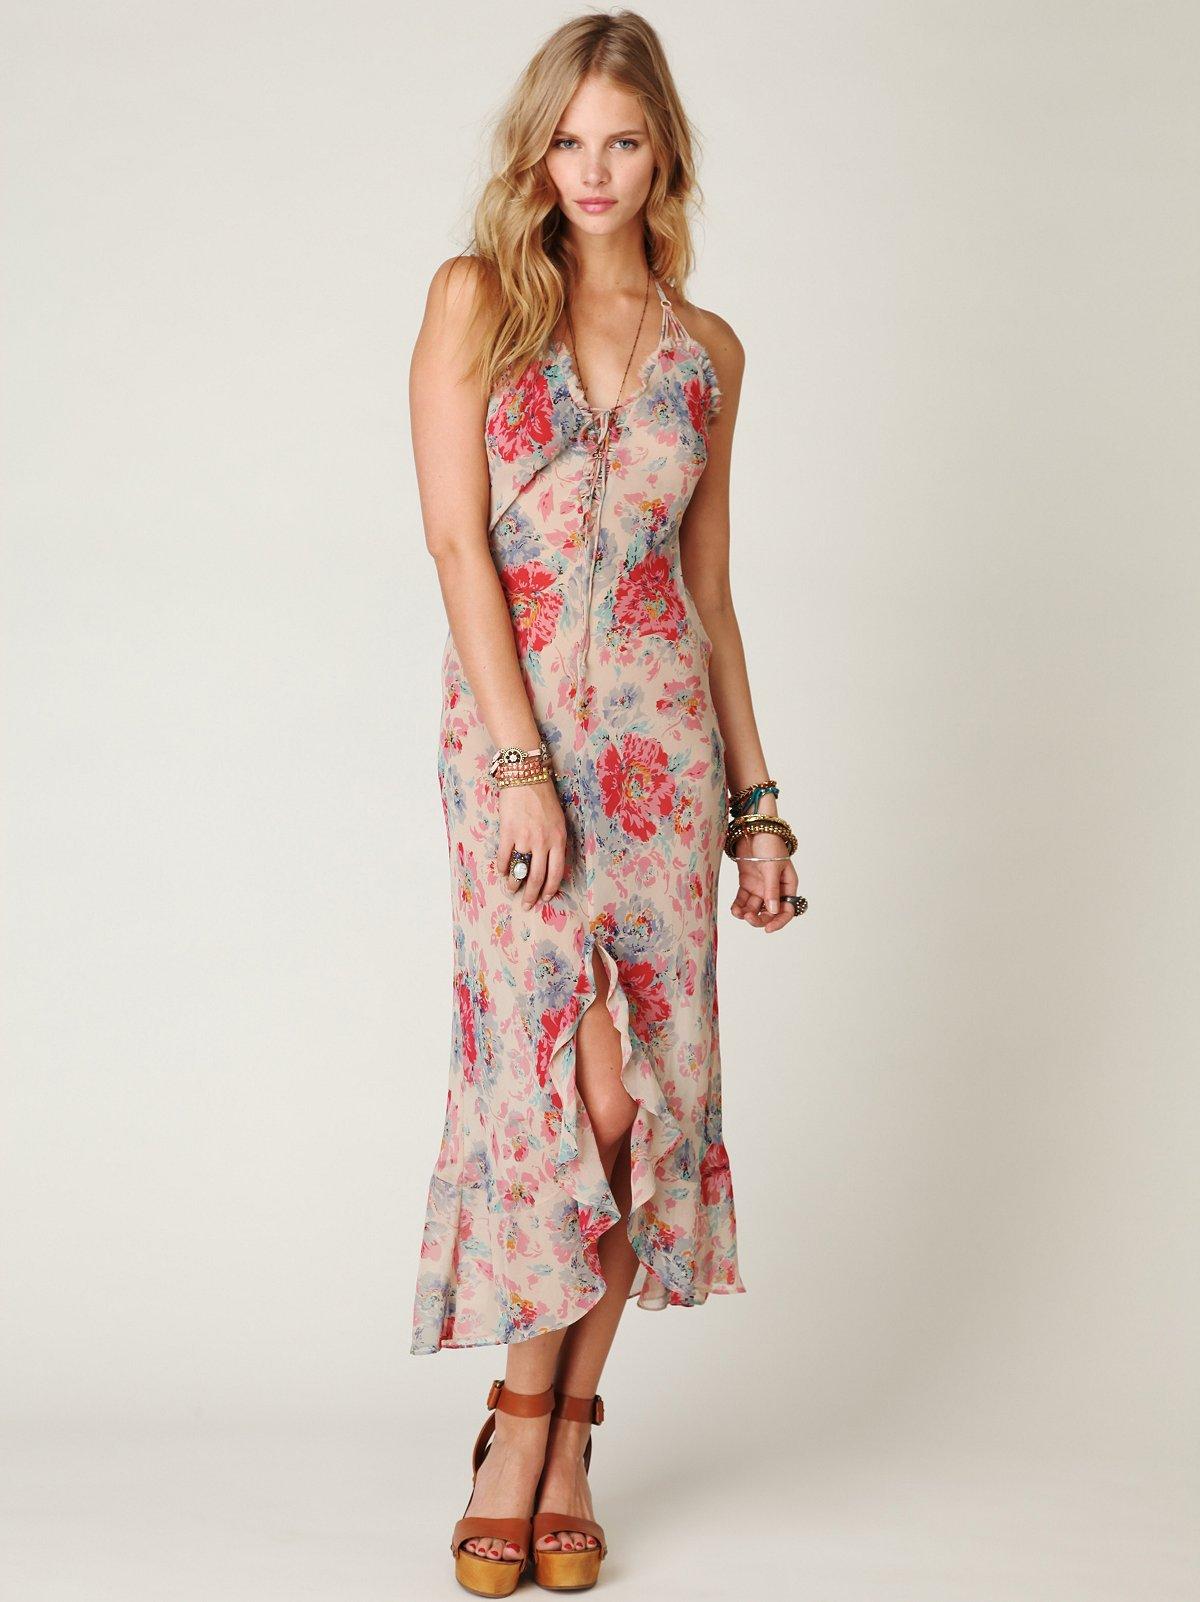 Floral Lace Slip